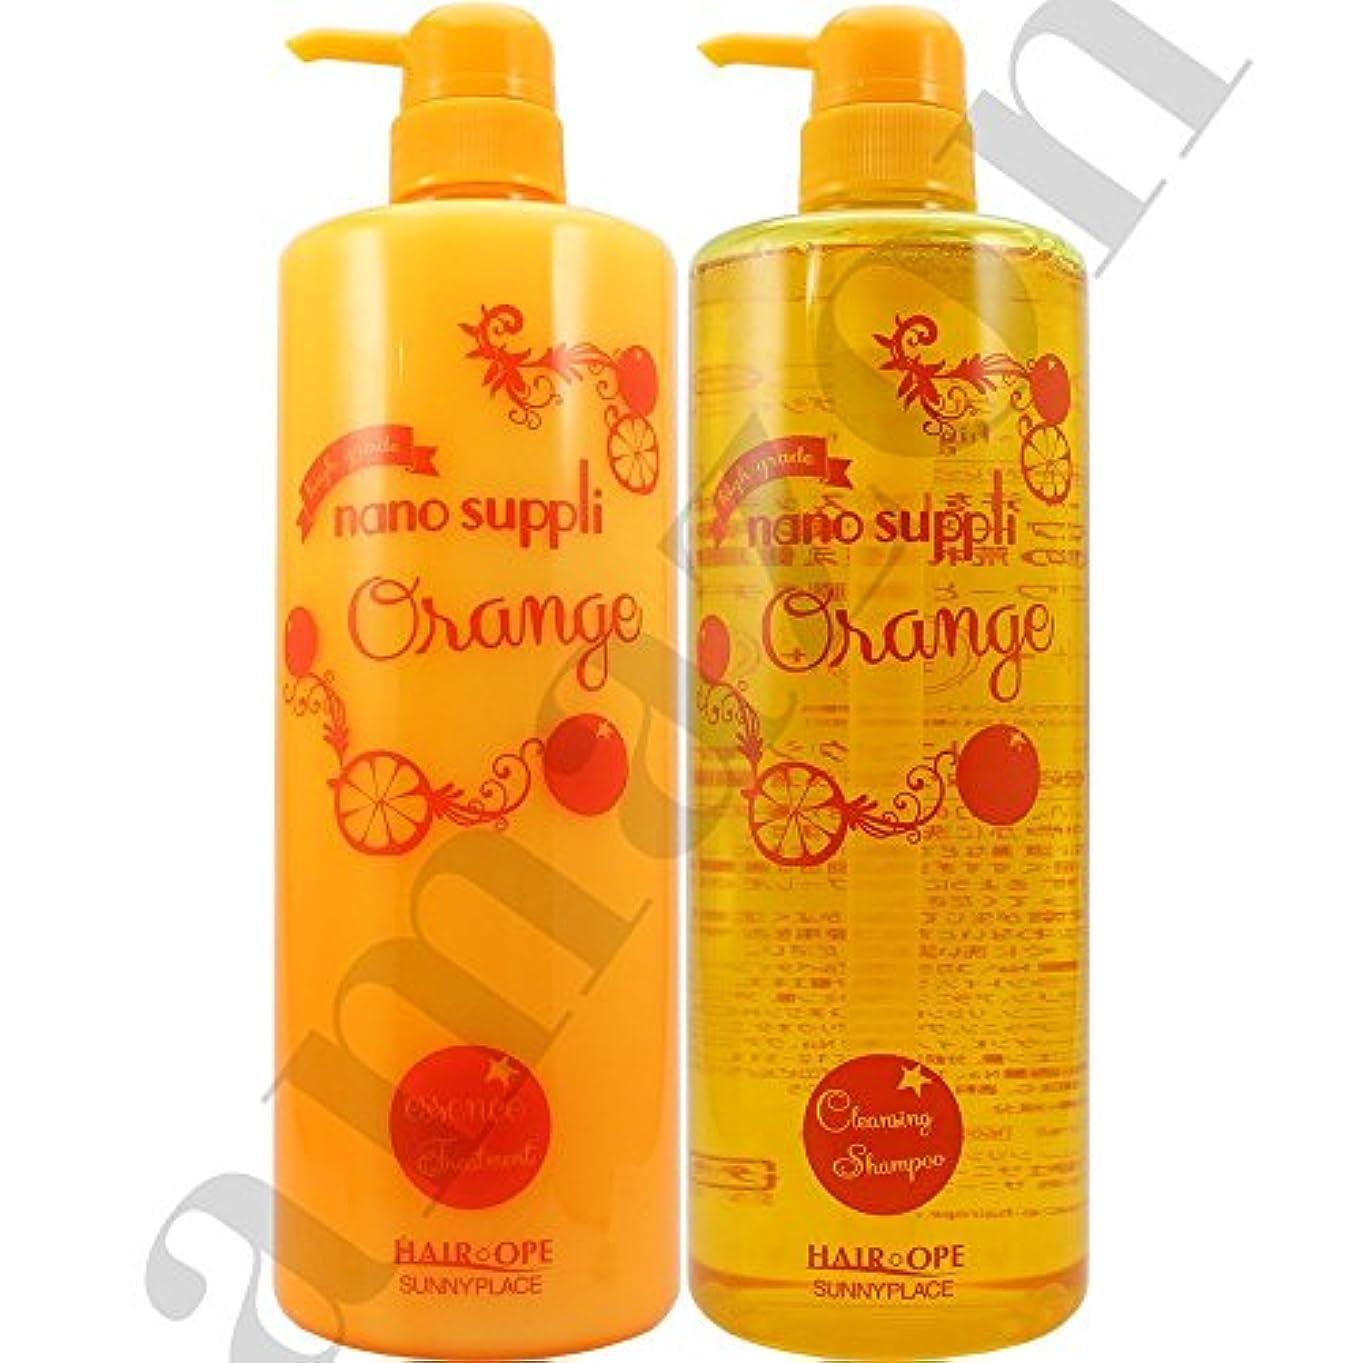 フェザー懲らしめ修復サニープレイス ナノサプリ クレンジングシャンプー&コンディショナー オレンジ 1000mlボトルセット